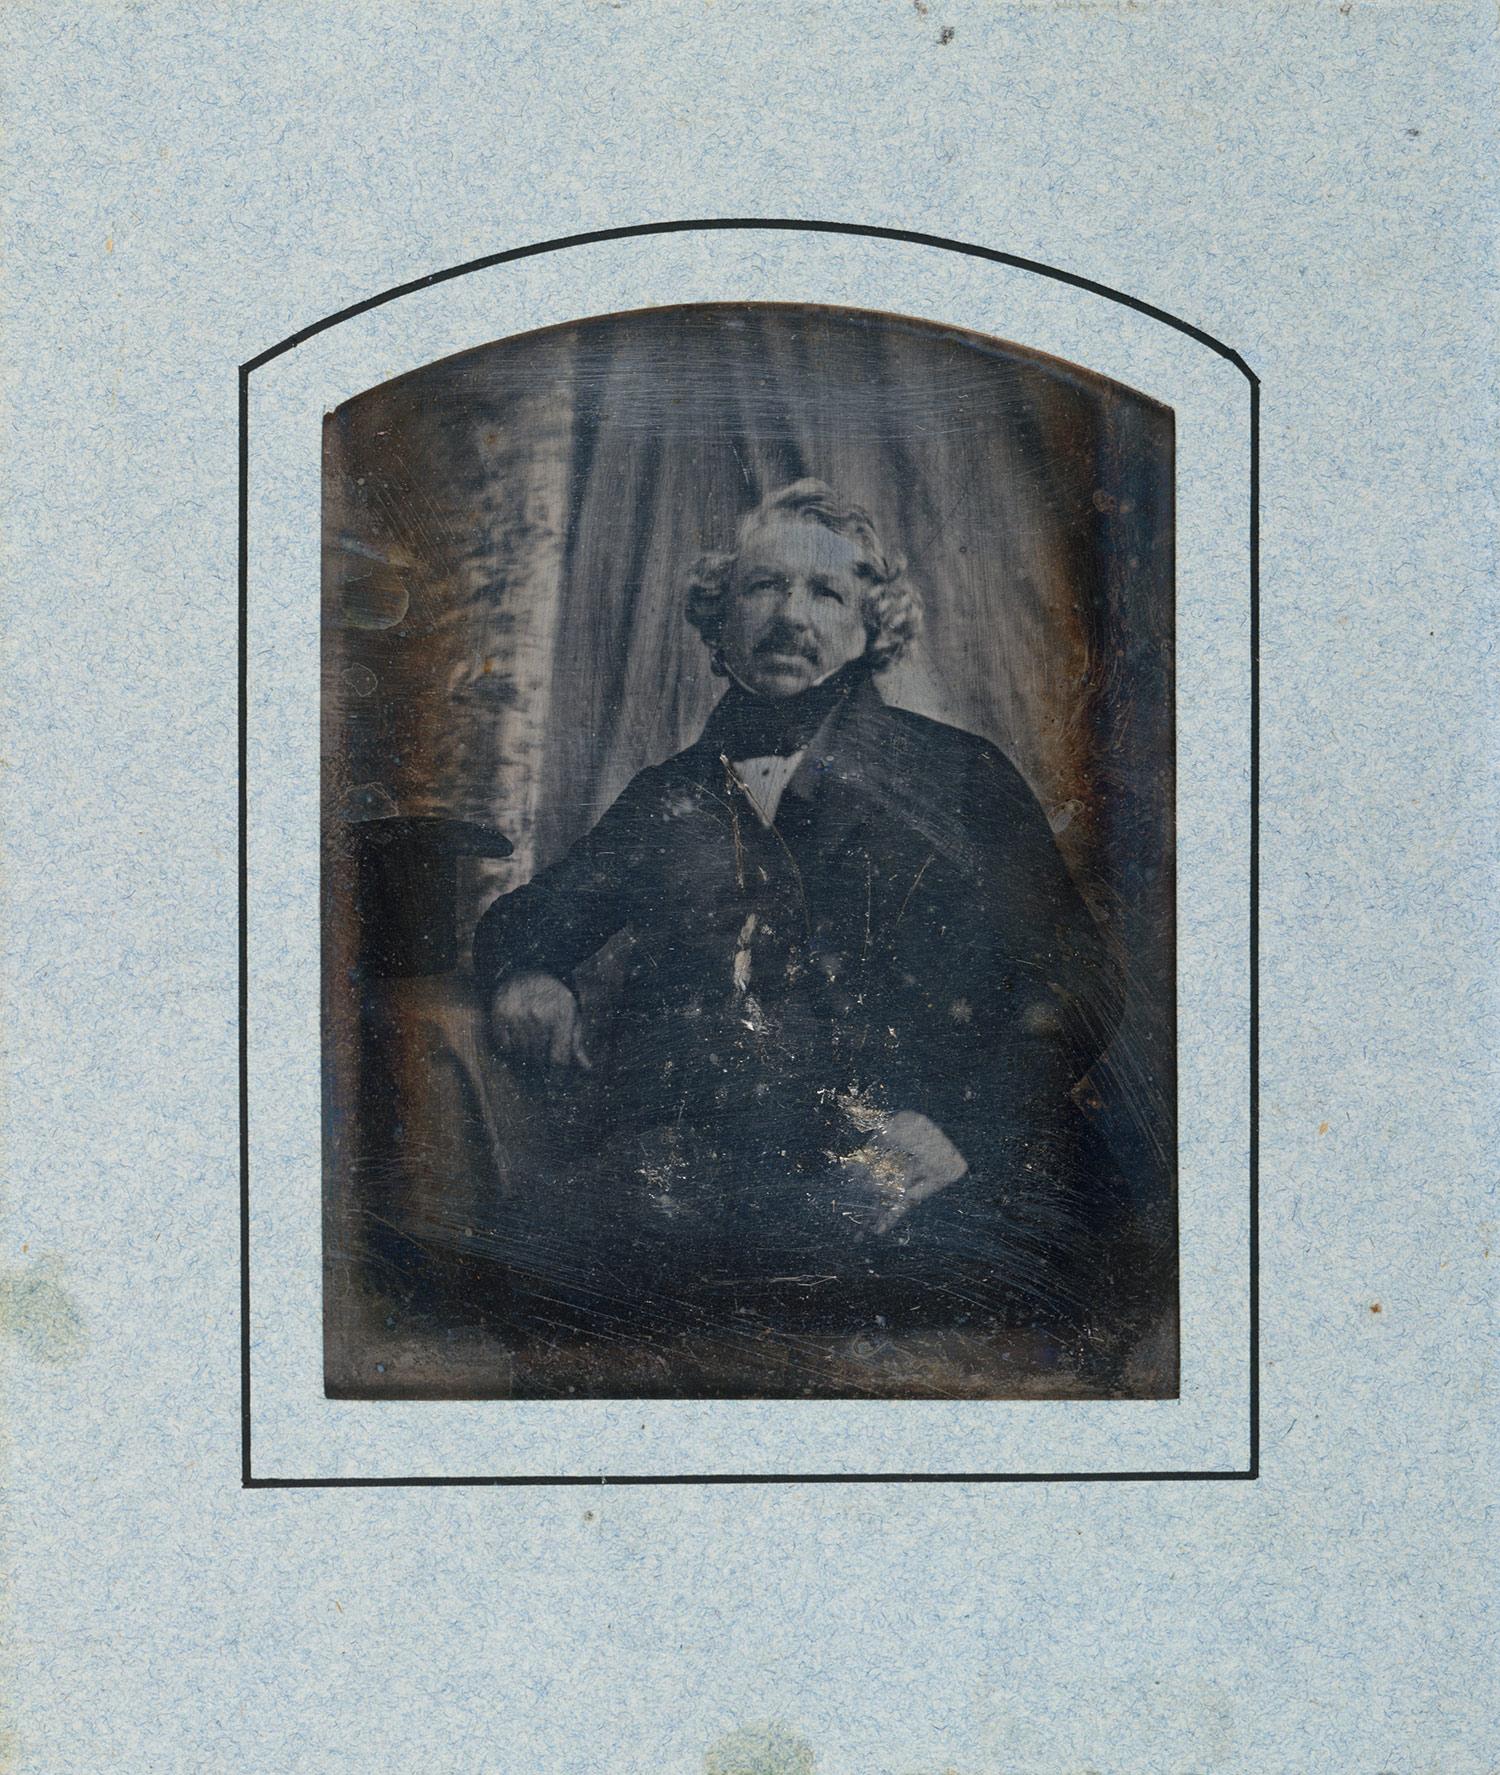 Louis-Jacques-Mandé Daguerre (1787–1851)